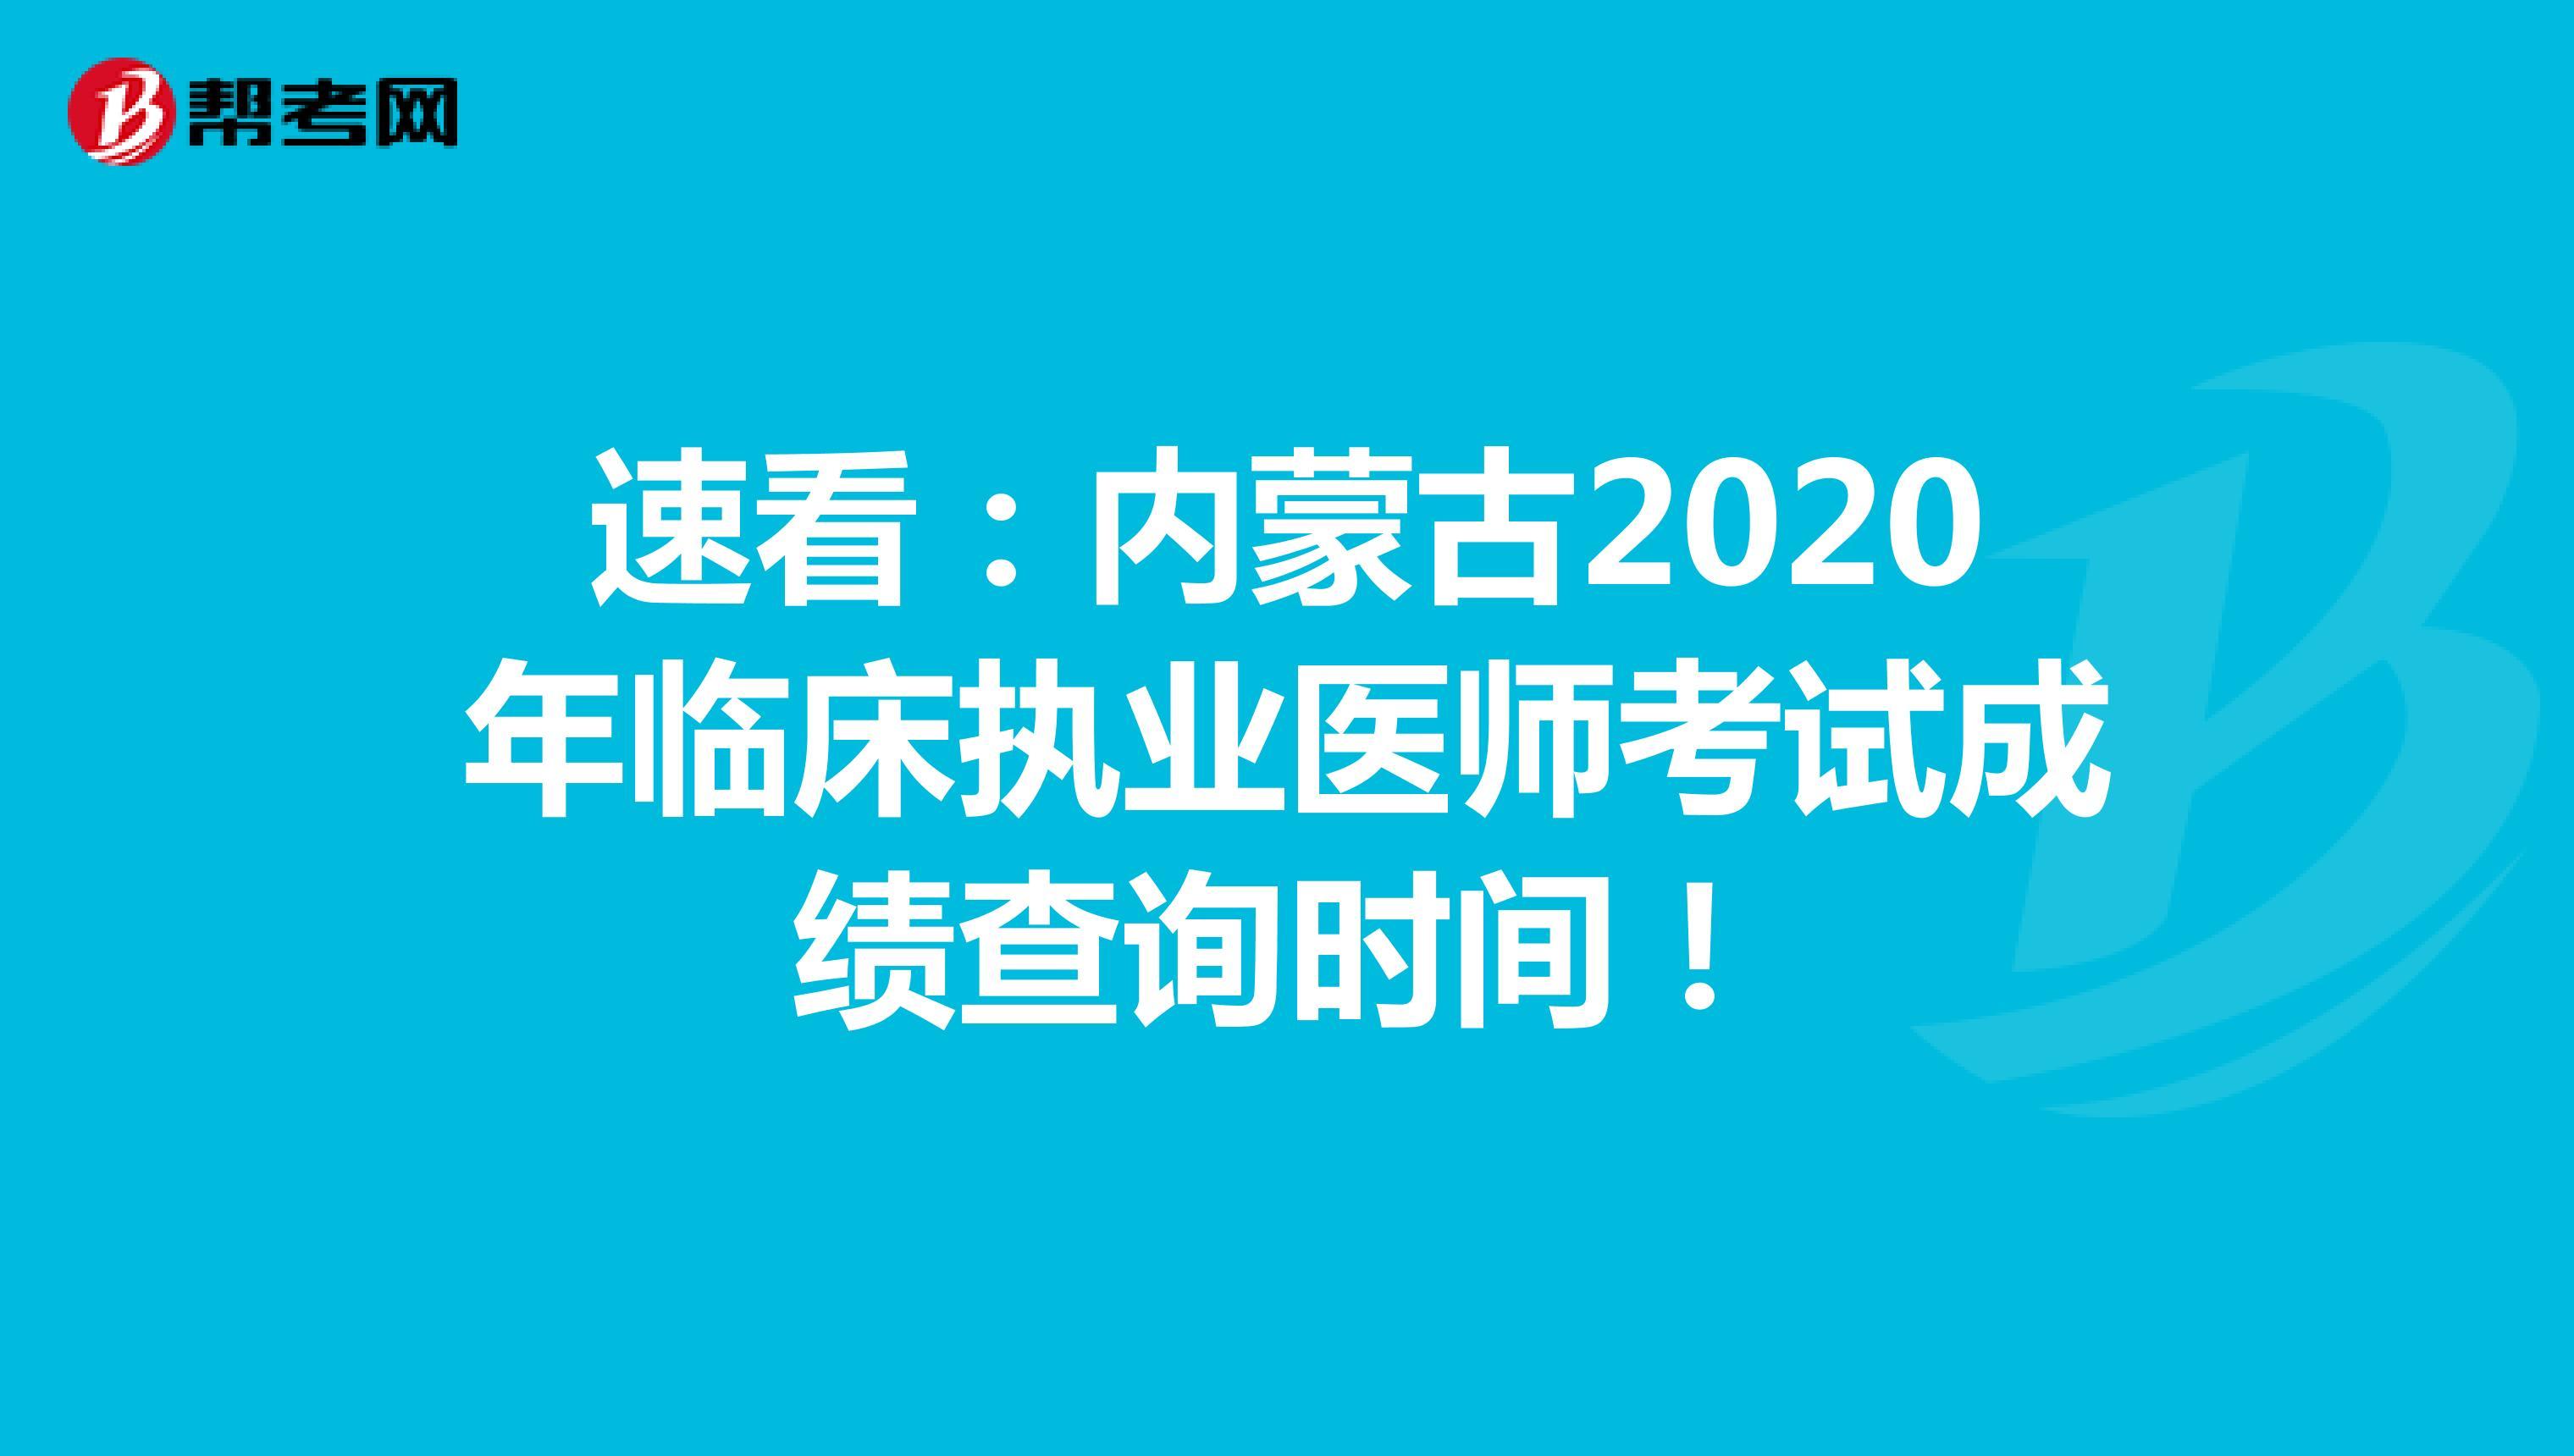 速看:内蒙古2020年临床执业医师考试成绩查询时间!